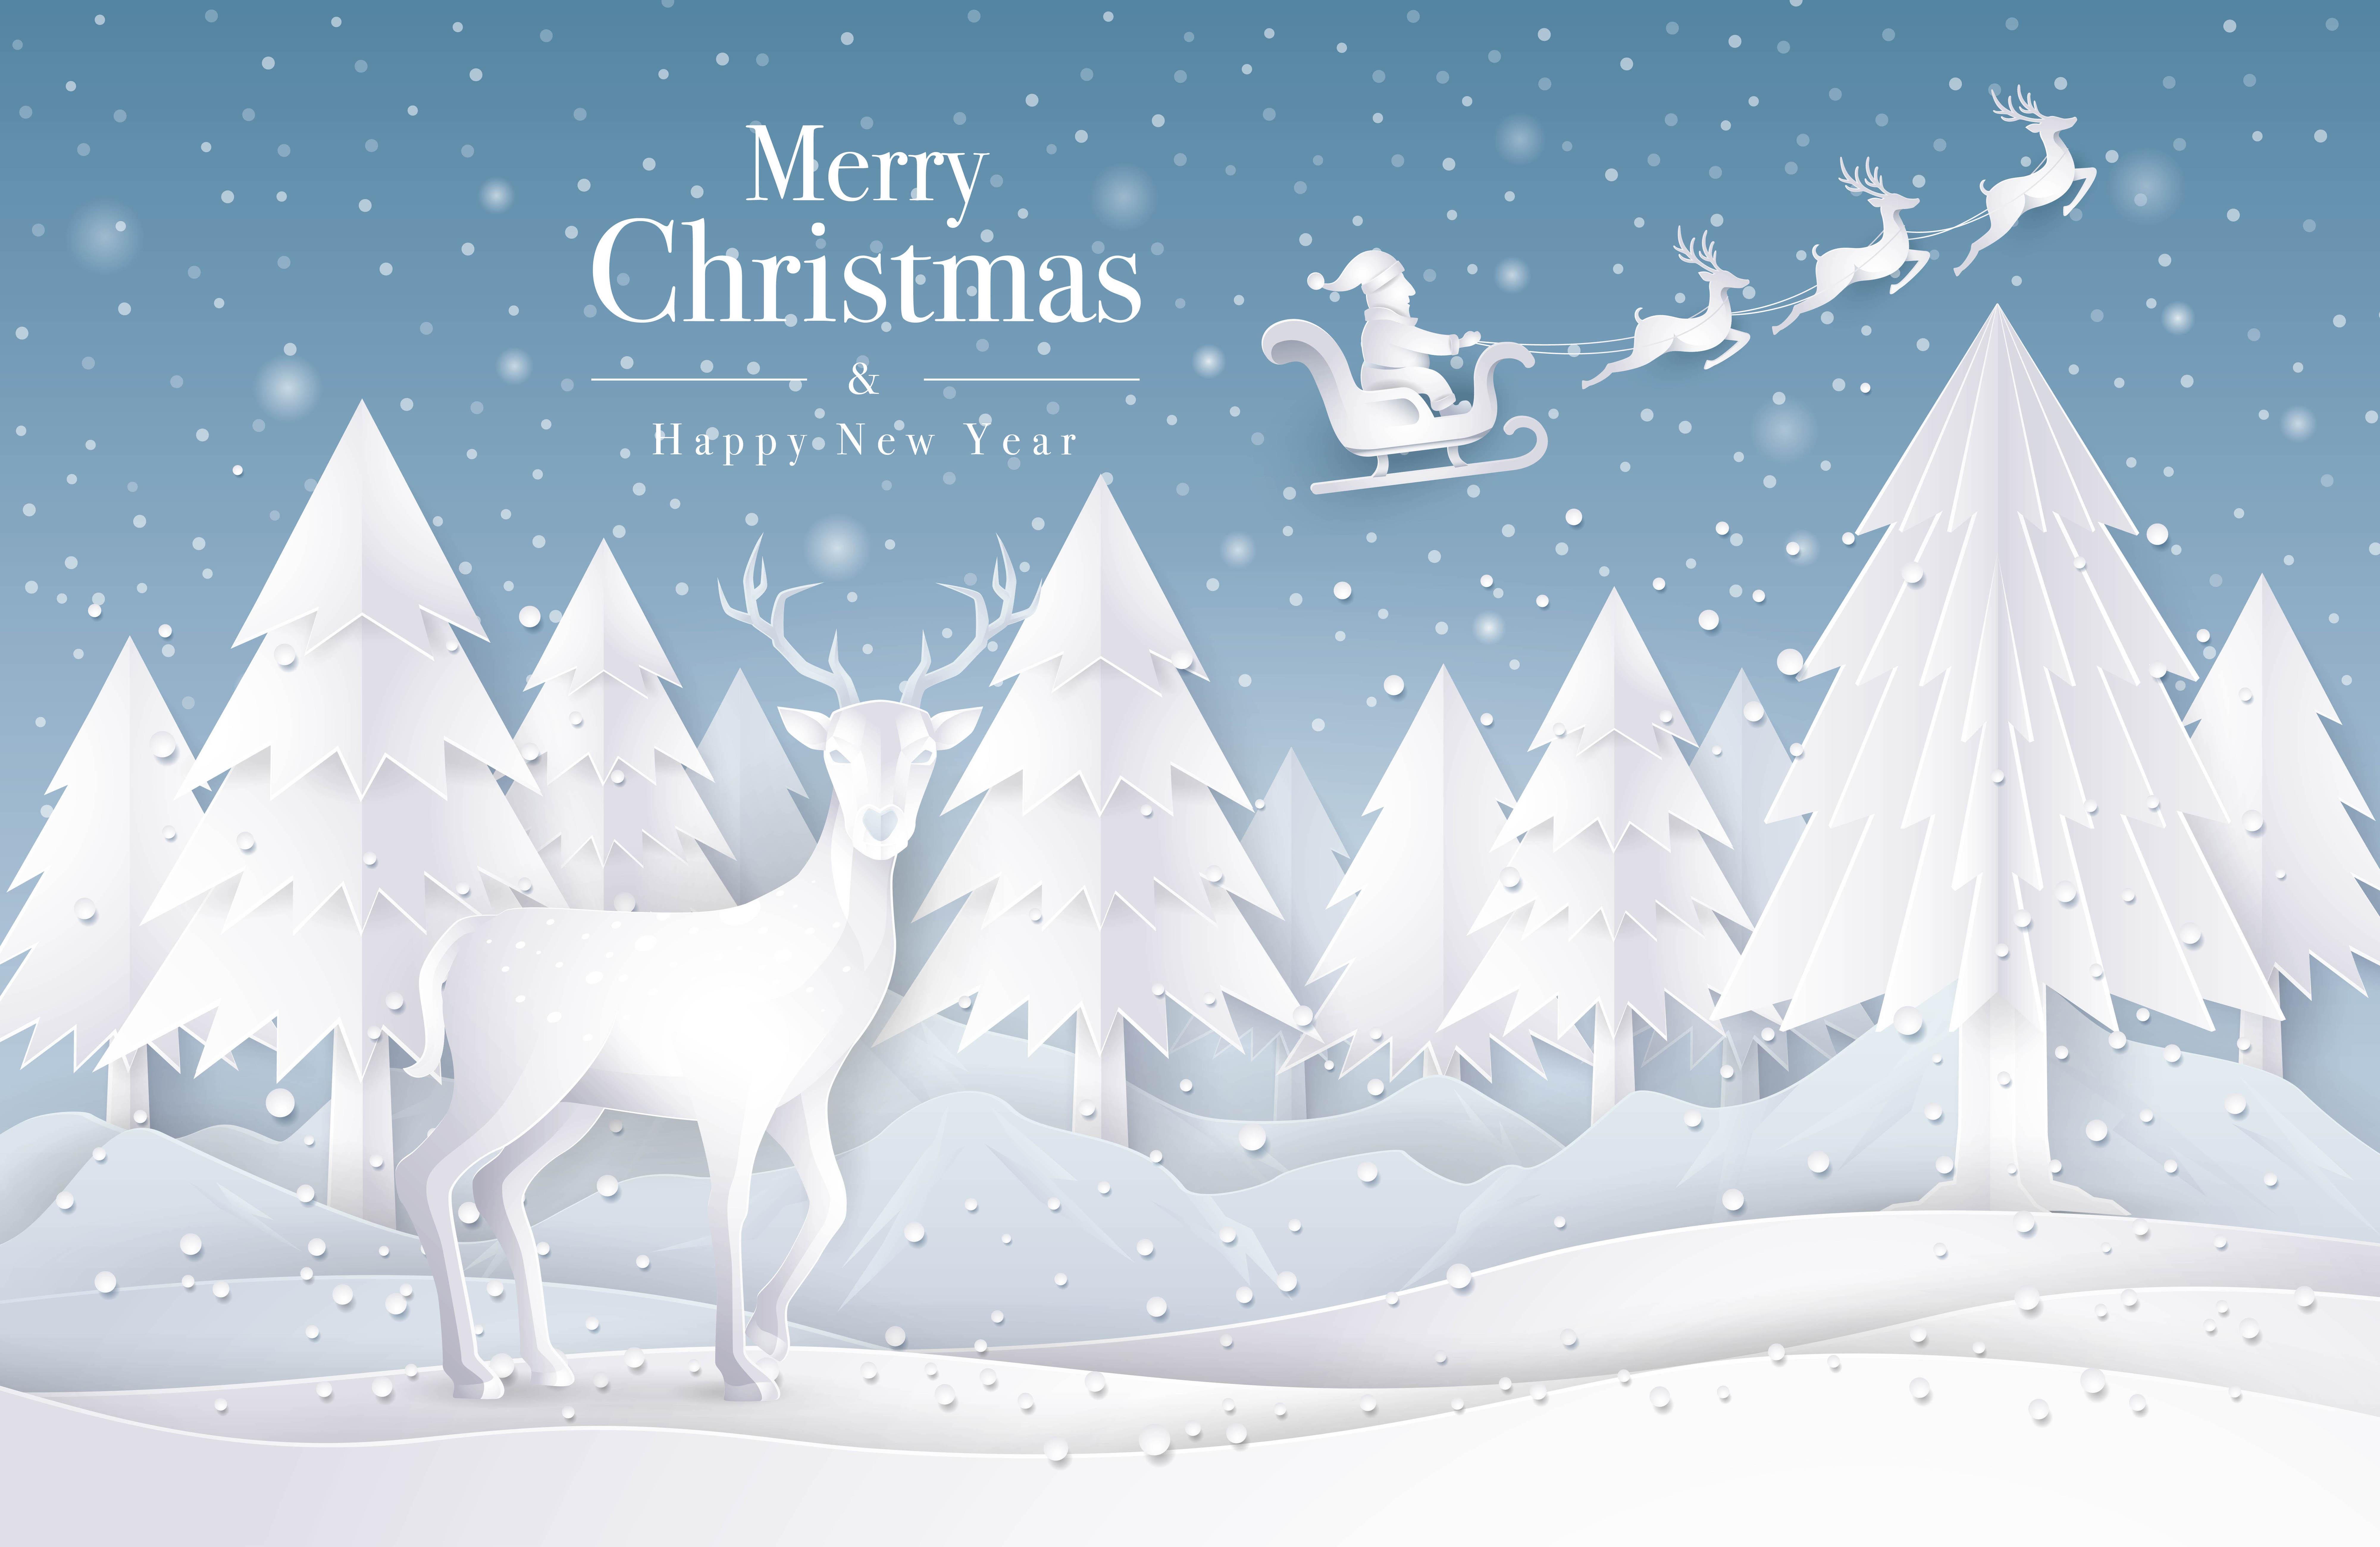 Foto Con La Neve Di Natale.Slitta Di Babbo Natale Che Vola Sul Cielo Con La Neve 673553 Scarica Immagini Vettoriali Gratis Grafica Vettoriale E Disegno Modelli